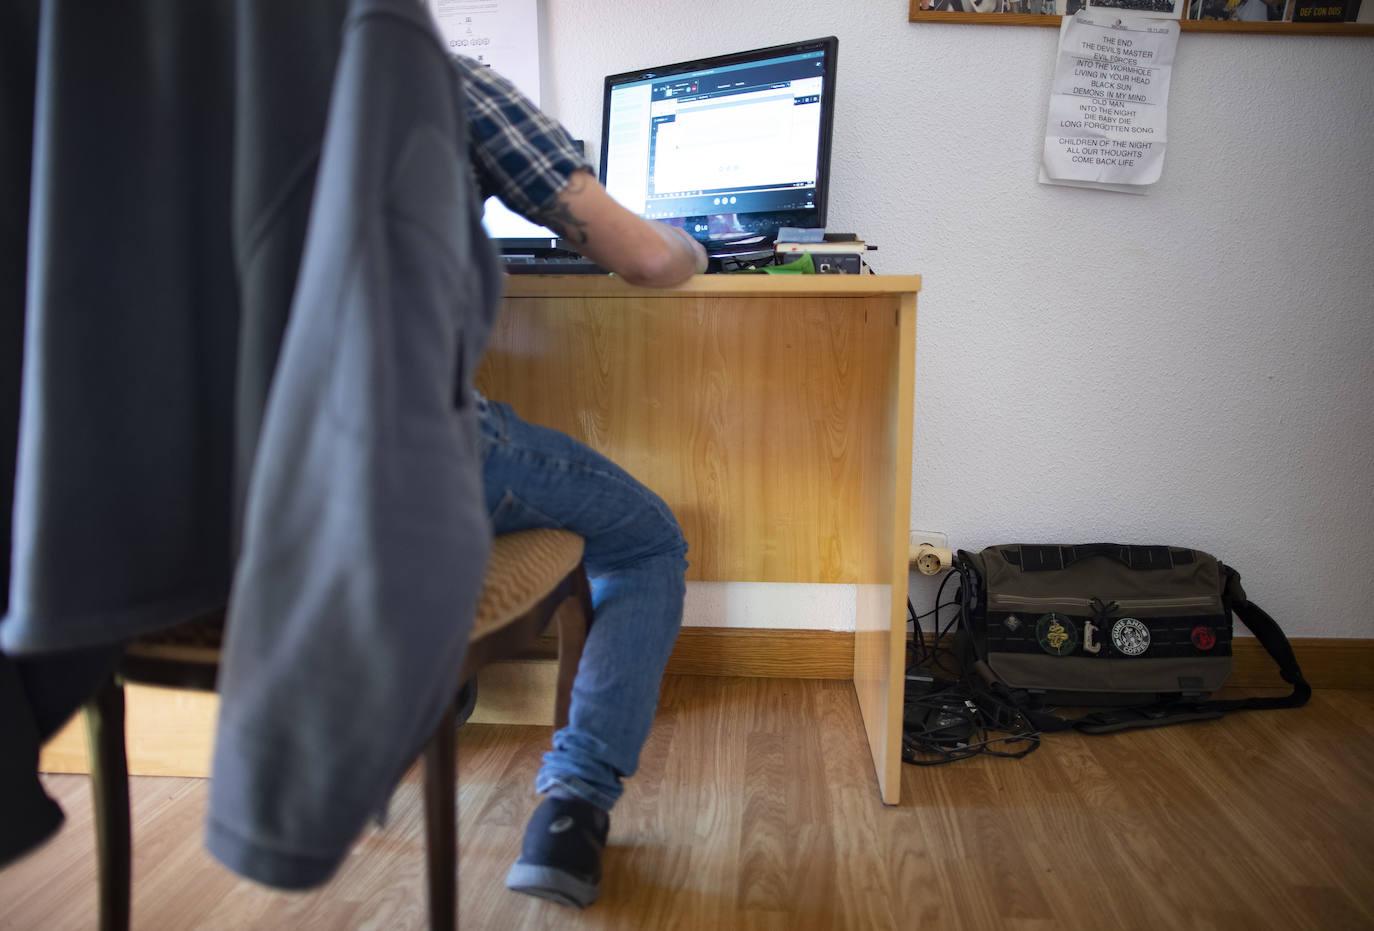 Los detectives privados observan un aumento del fraude a causa del teletrabajo